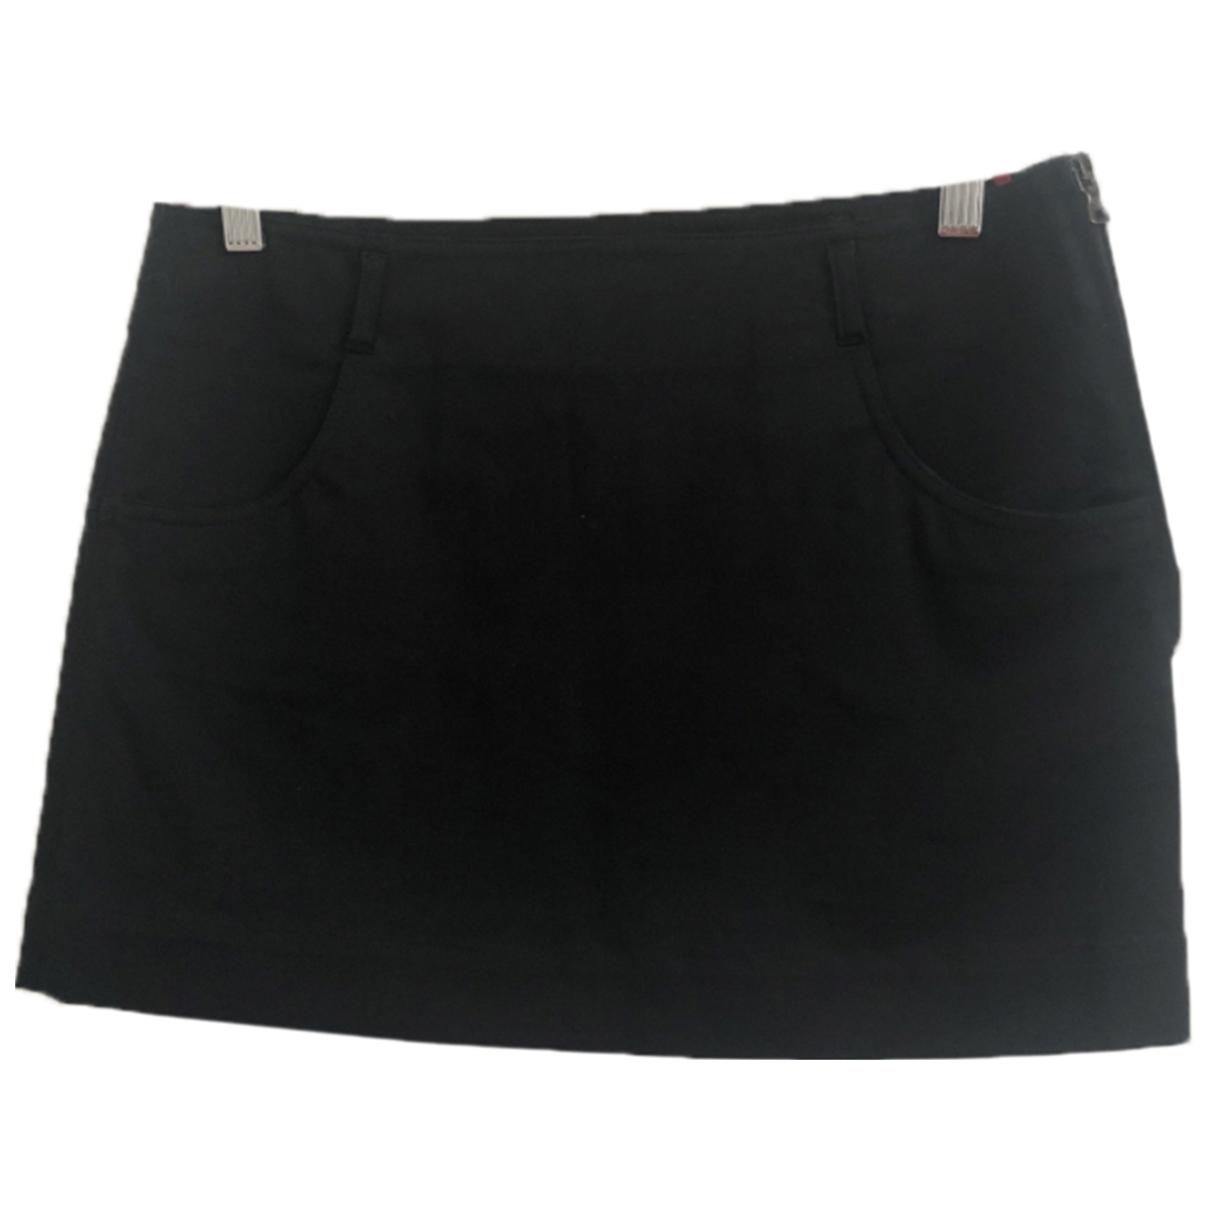 Prada \N Black Cotton skirt for Women 40 IT